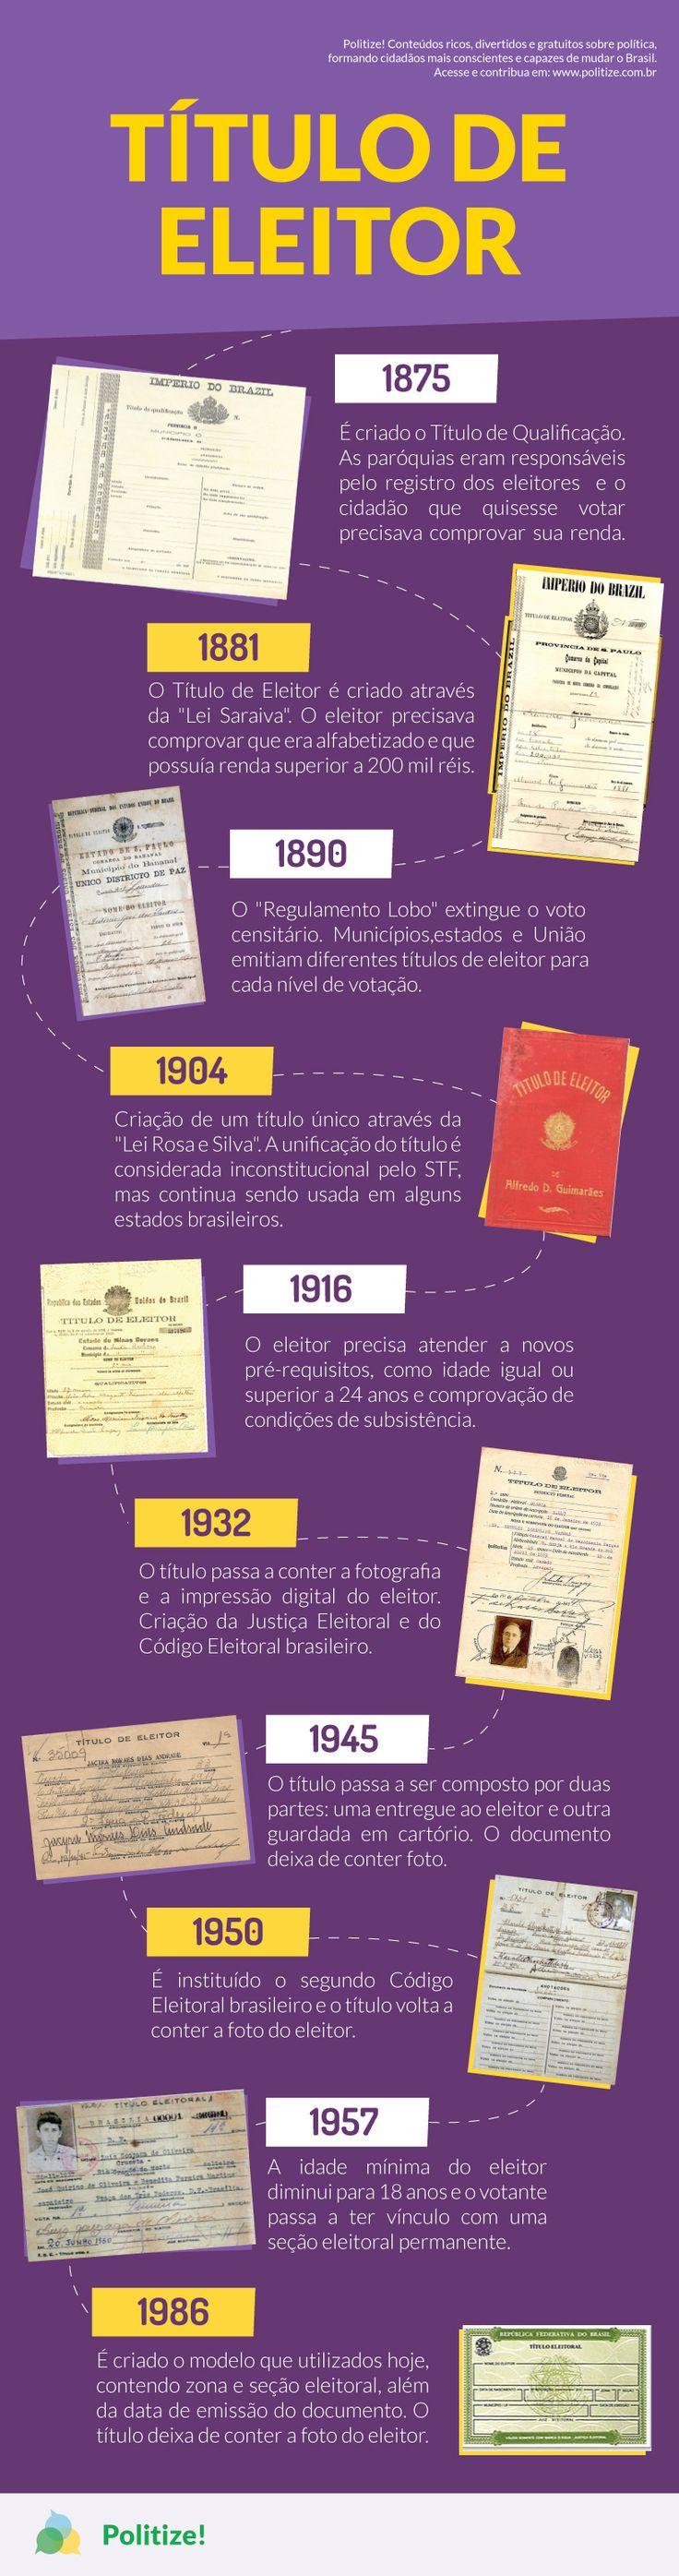 O primeiro título eleitoral foi criado quando o Brasil ainda era um Império governado por Dom Pedro II. De lá pra cá, ele passou por vários modelos, até chegar ao que usamos hoje. Confira como se deu a evolução deste importante documento!